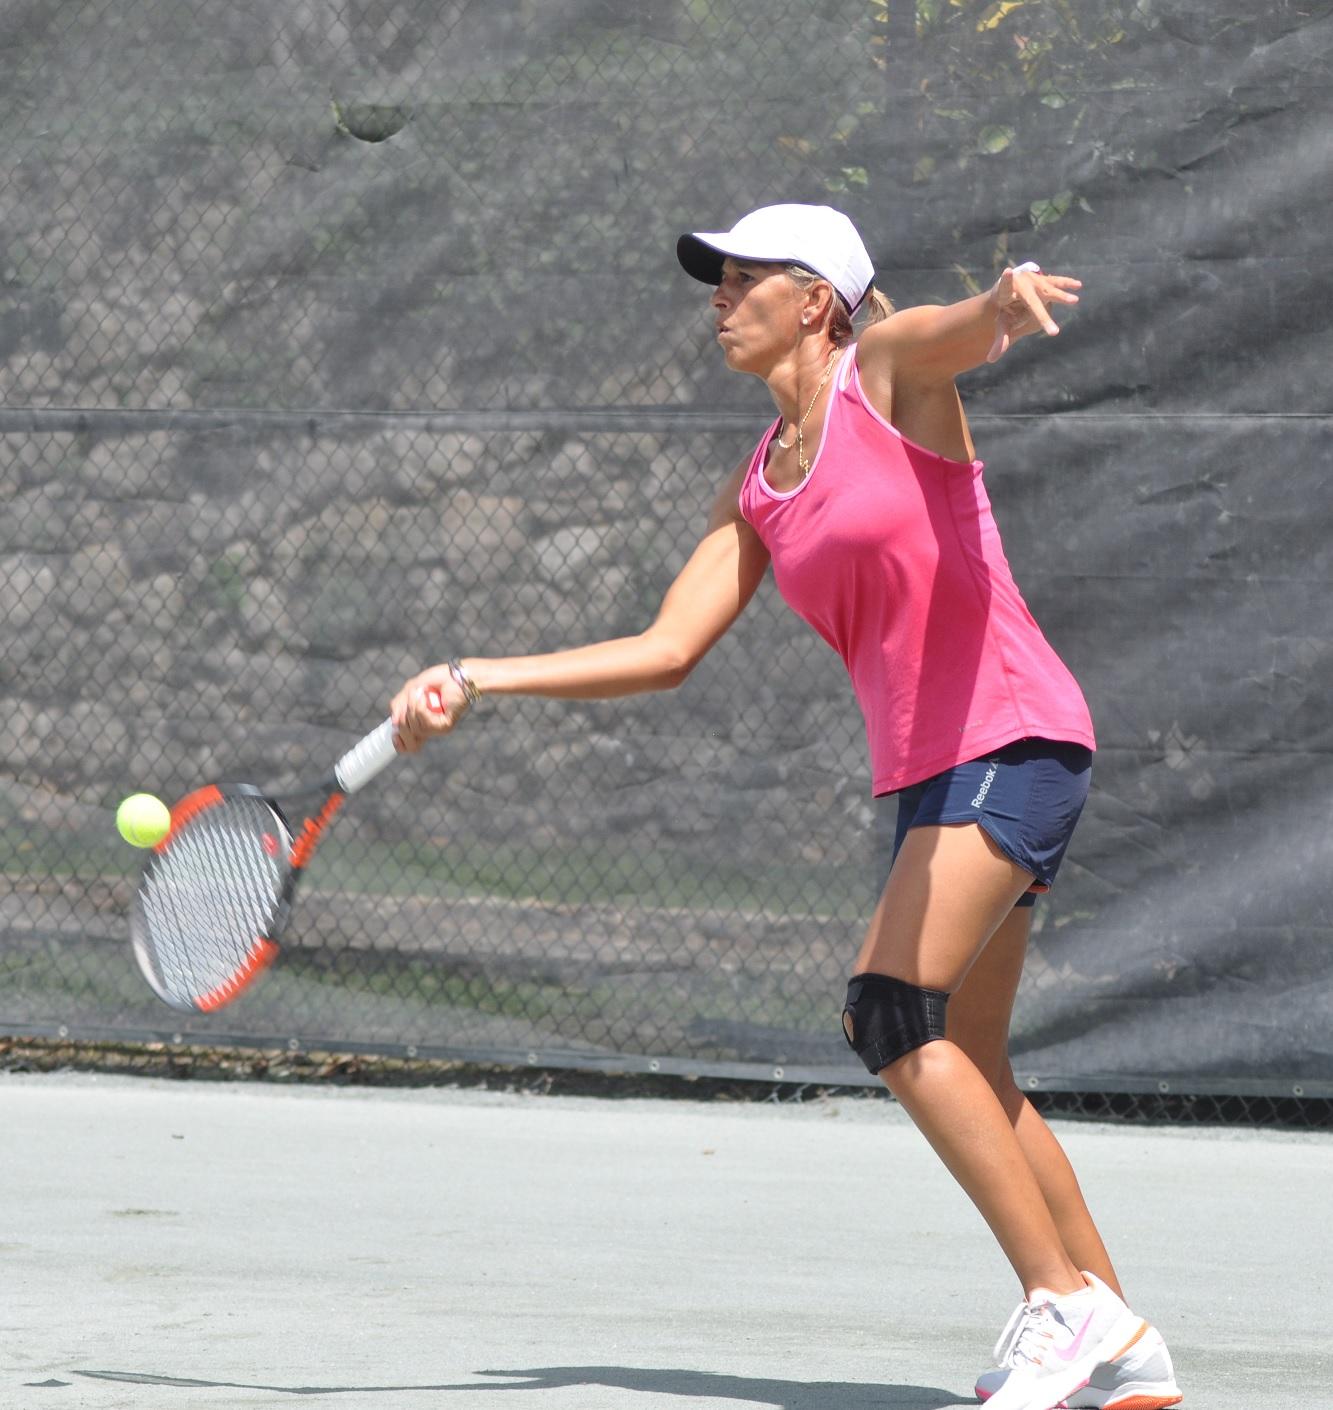 Dominicana García triunfa en Torneo de Tenis